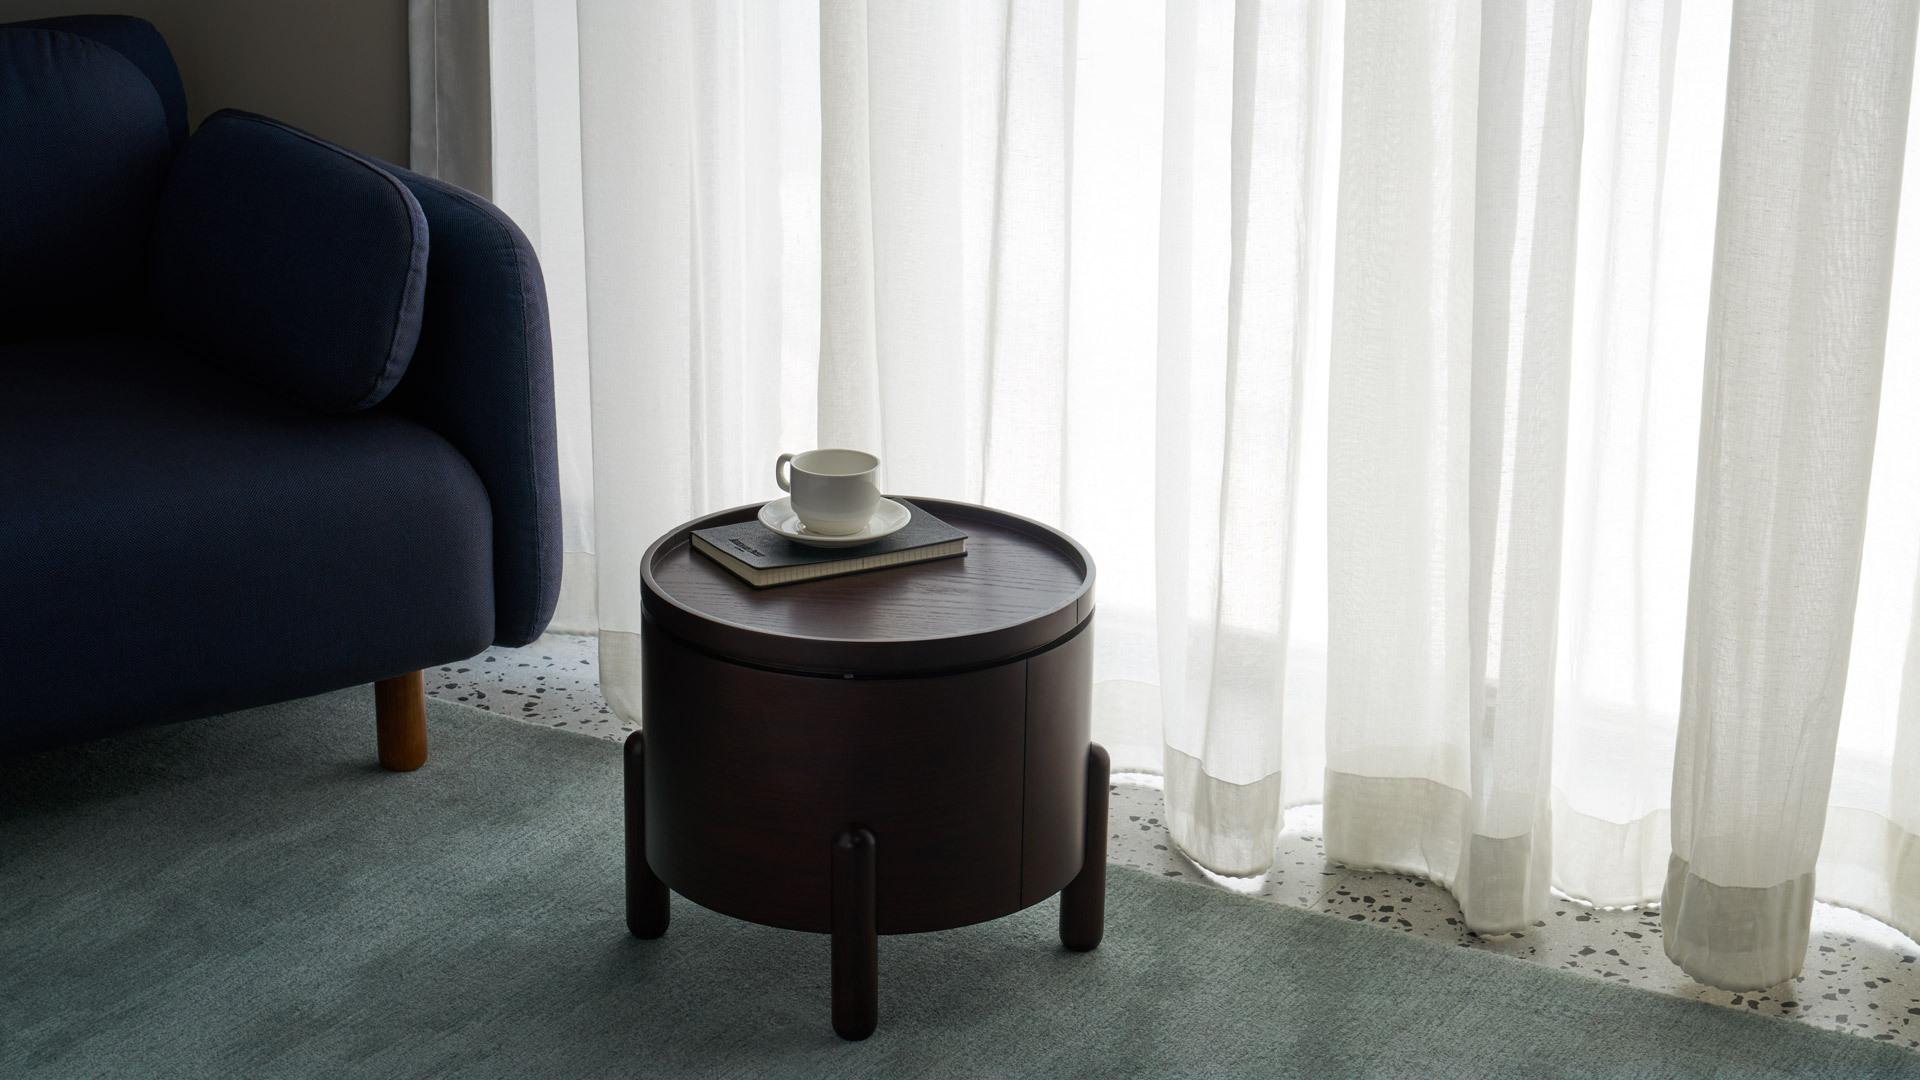 沙发小边桌,半平米的触手便利